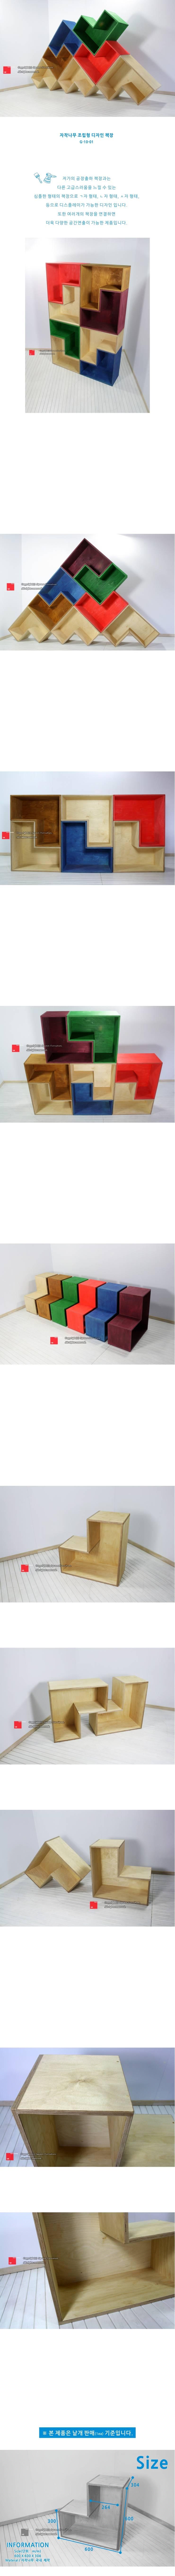 조립형 디자인 책장 : square furniture의 열렬한 ,휴양지 우드 우드 그레인